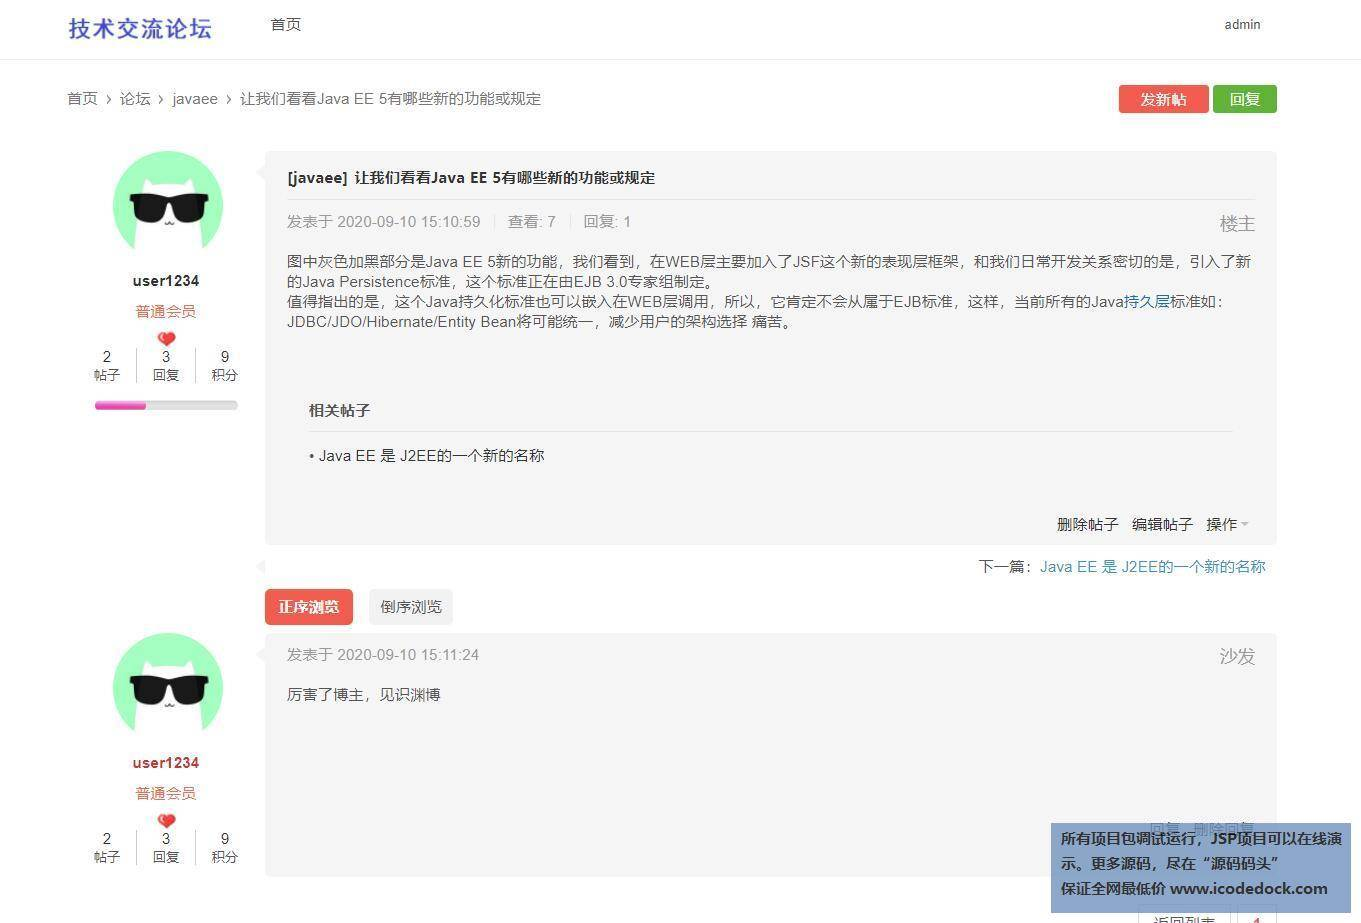 源码码头-SSM搭建的一个BBS论坛-管理员角色-删除或者编辑用户的帖子